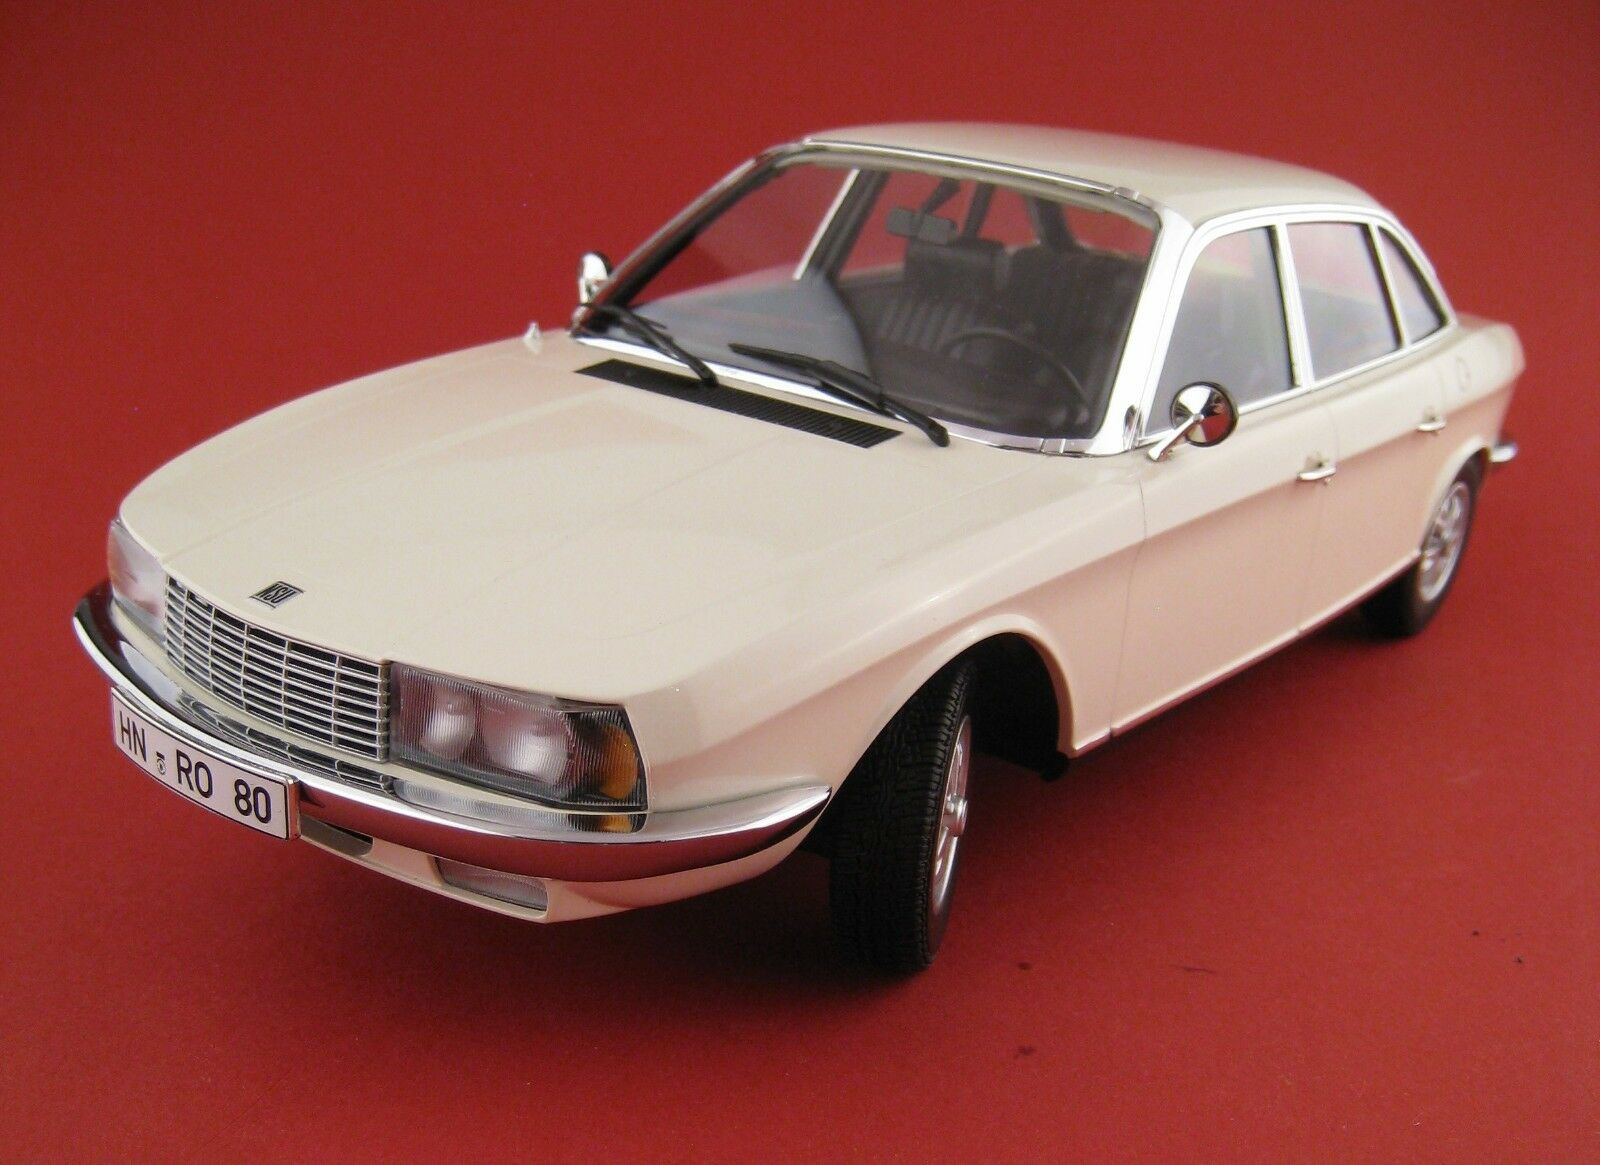 NSU Ro 80 1972 in BLANC LIMITÉE À 504  pièces Minichamps 1 18 neuf dans sa boîte NEUF  sortie de marque